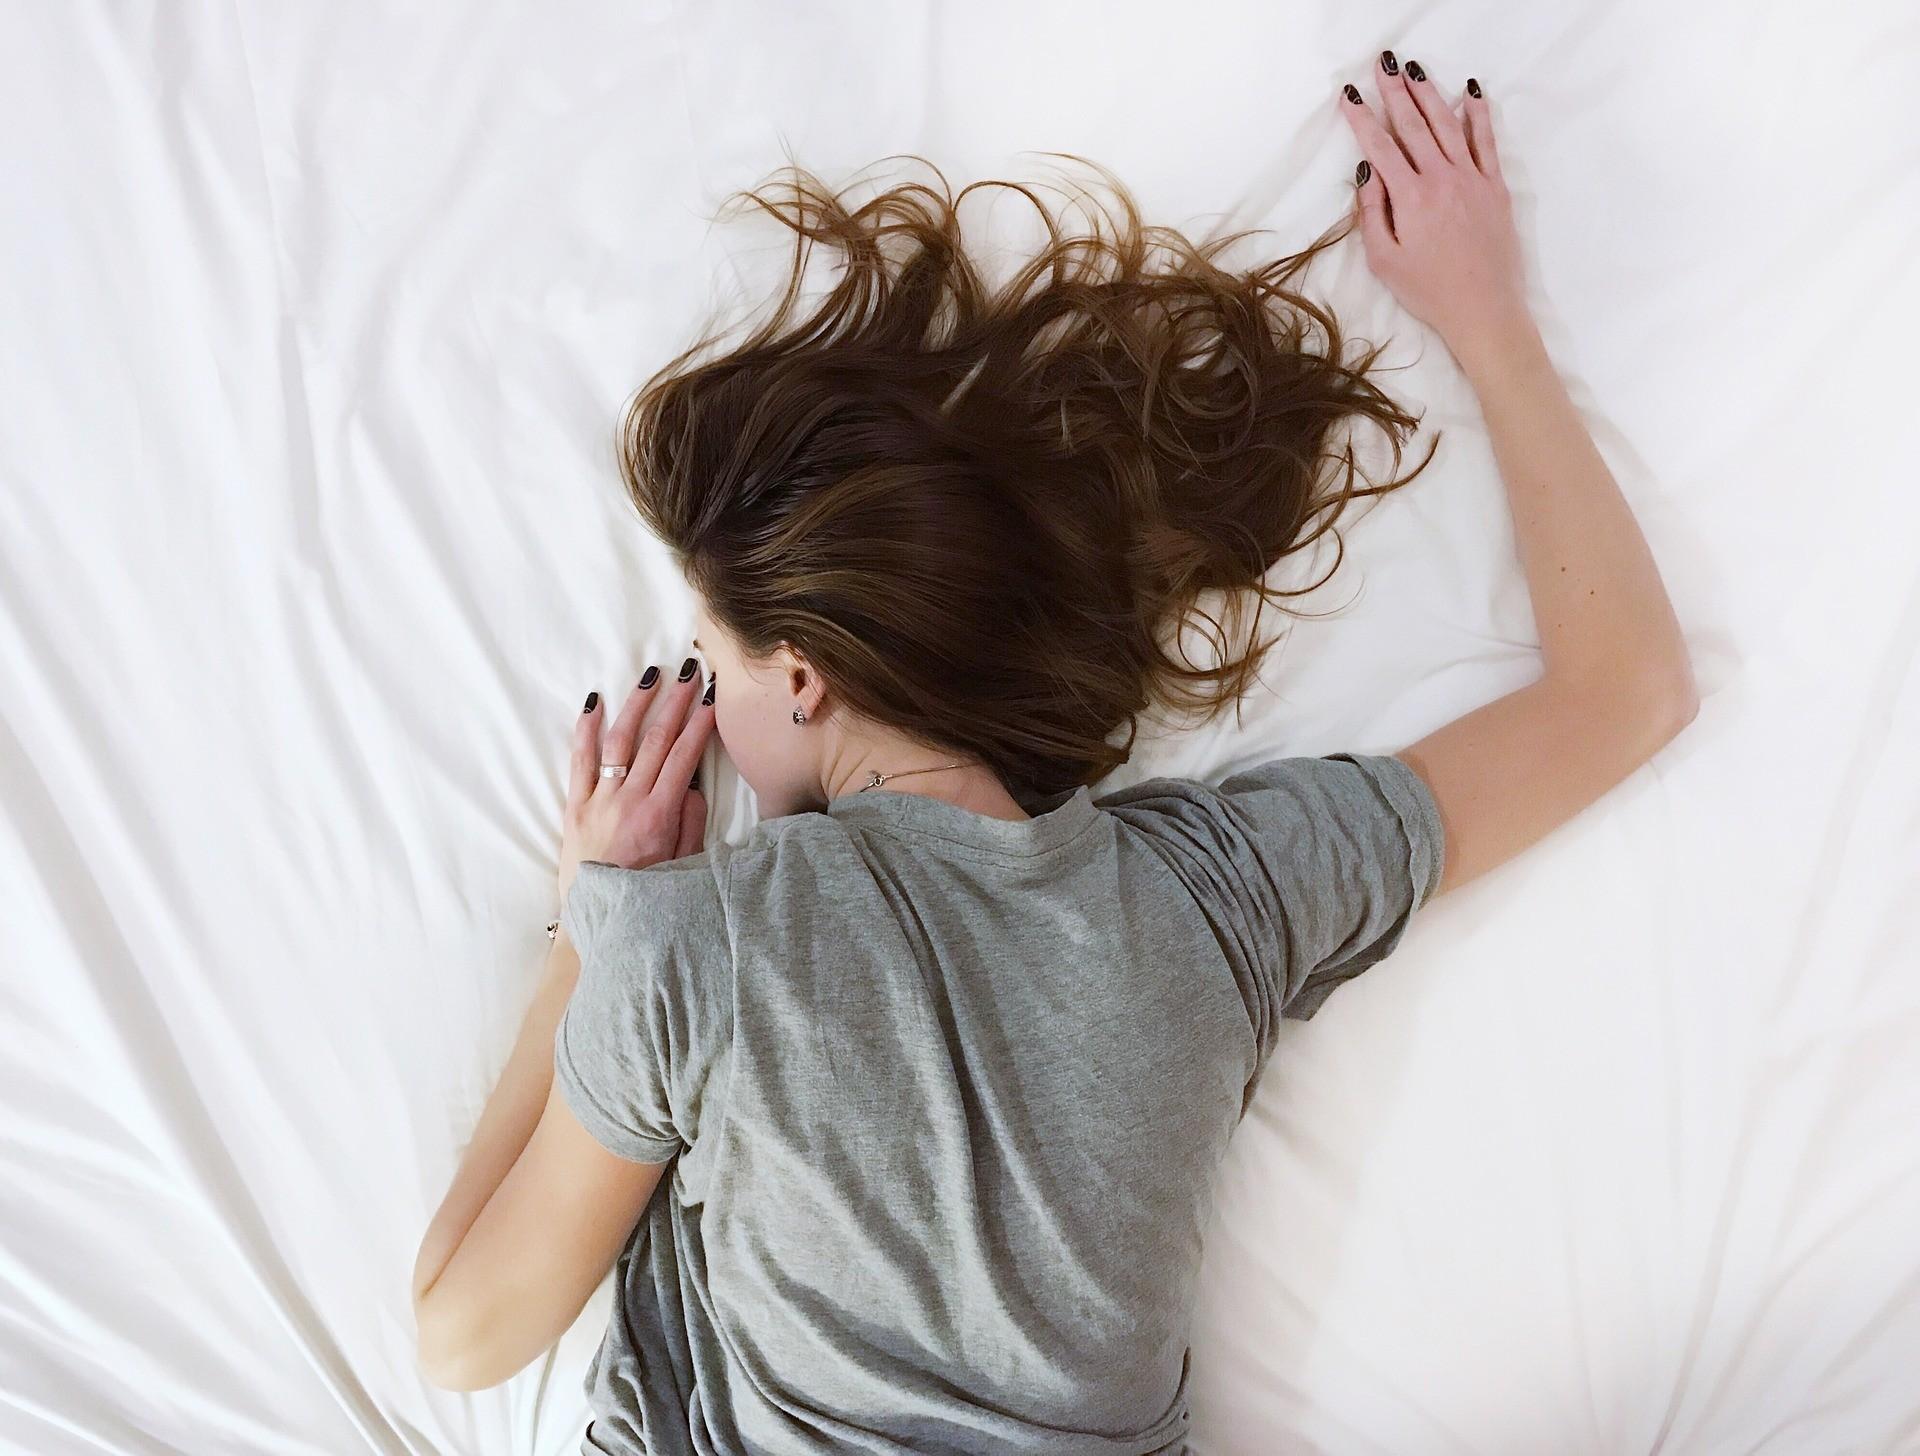 Uma boa noite de sono melhora seu humor e disposição para encarar o dia (Foto: Pixabay)